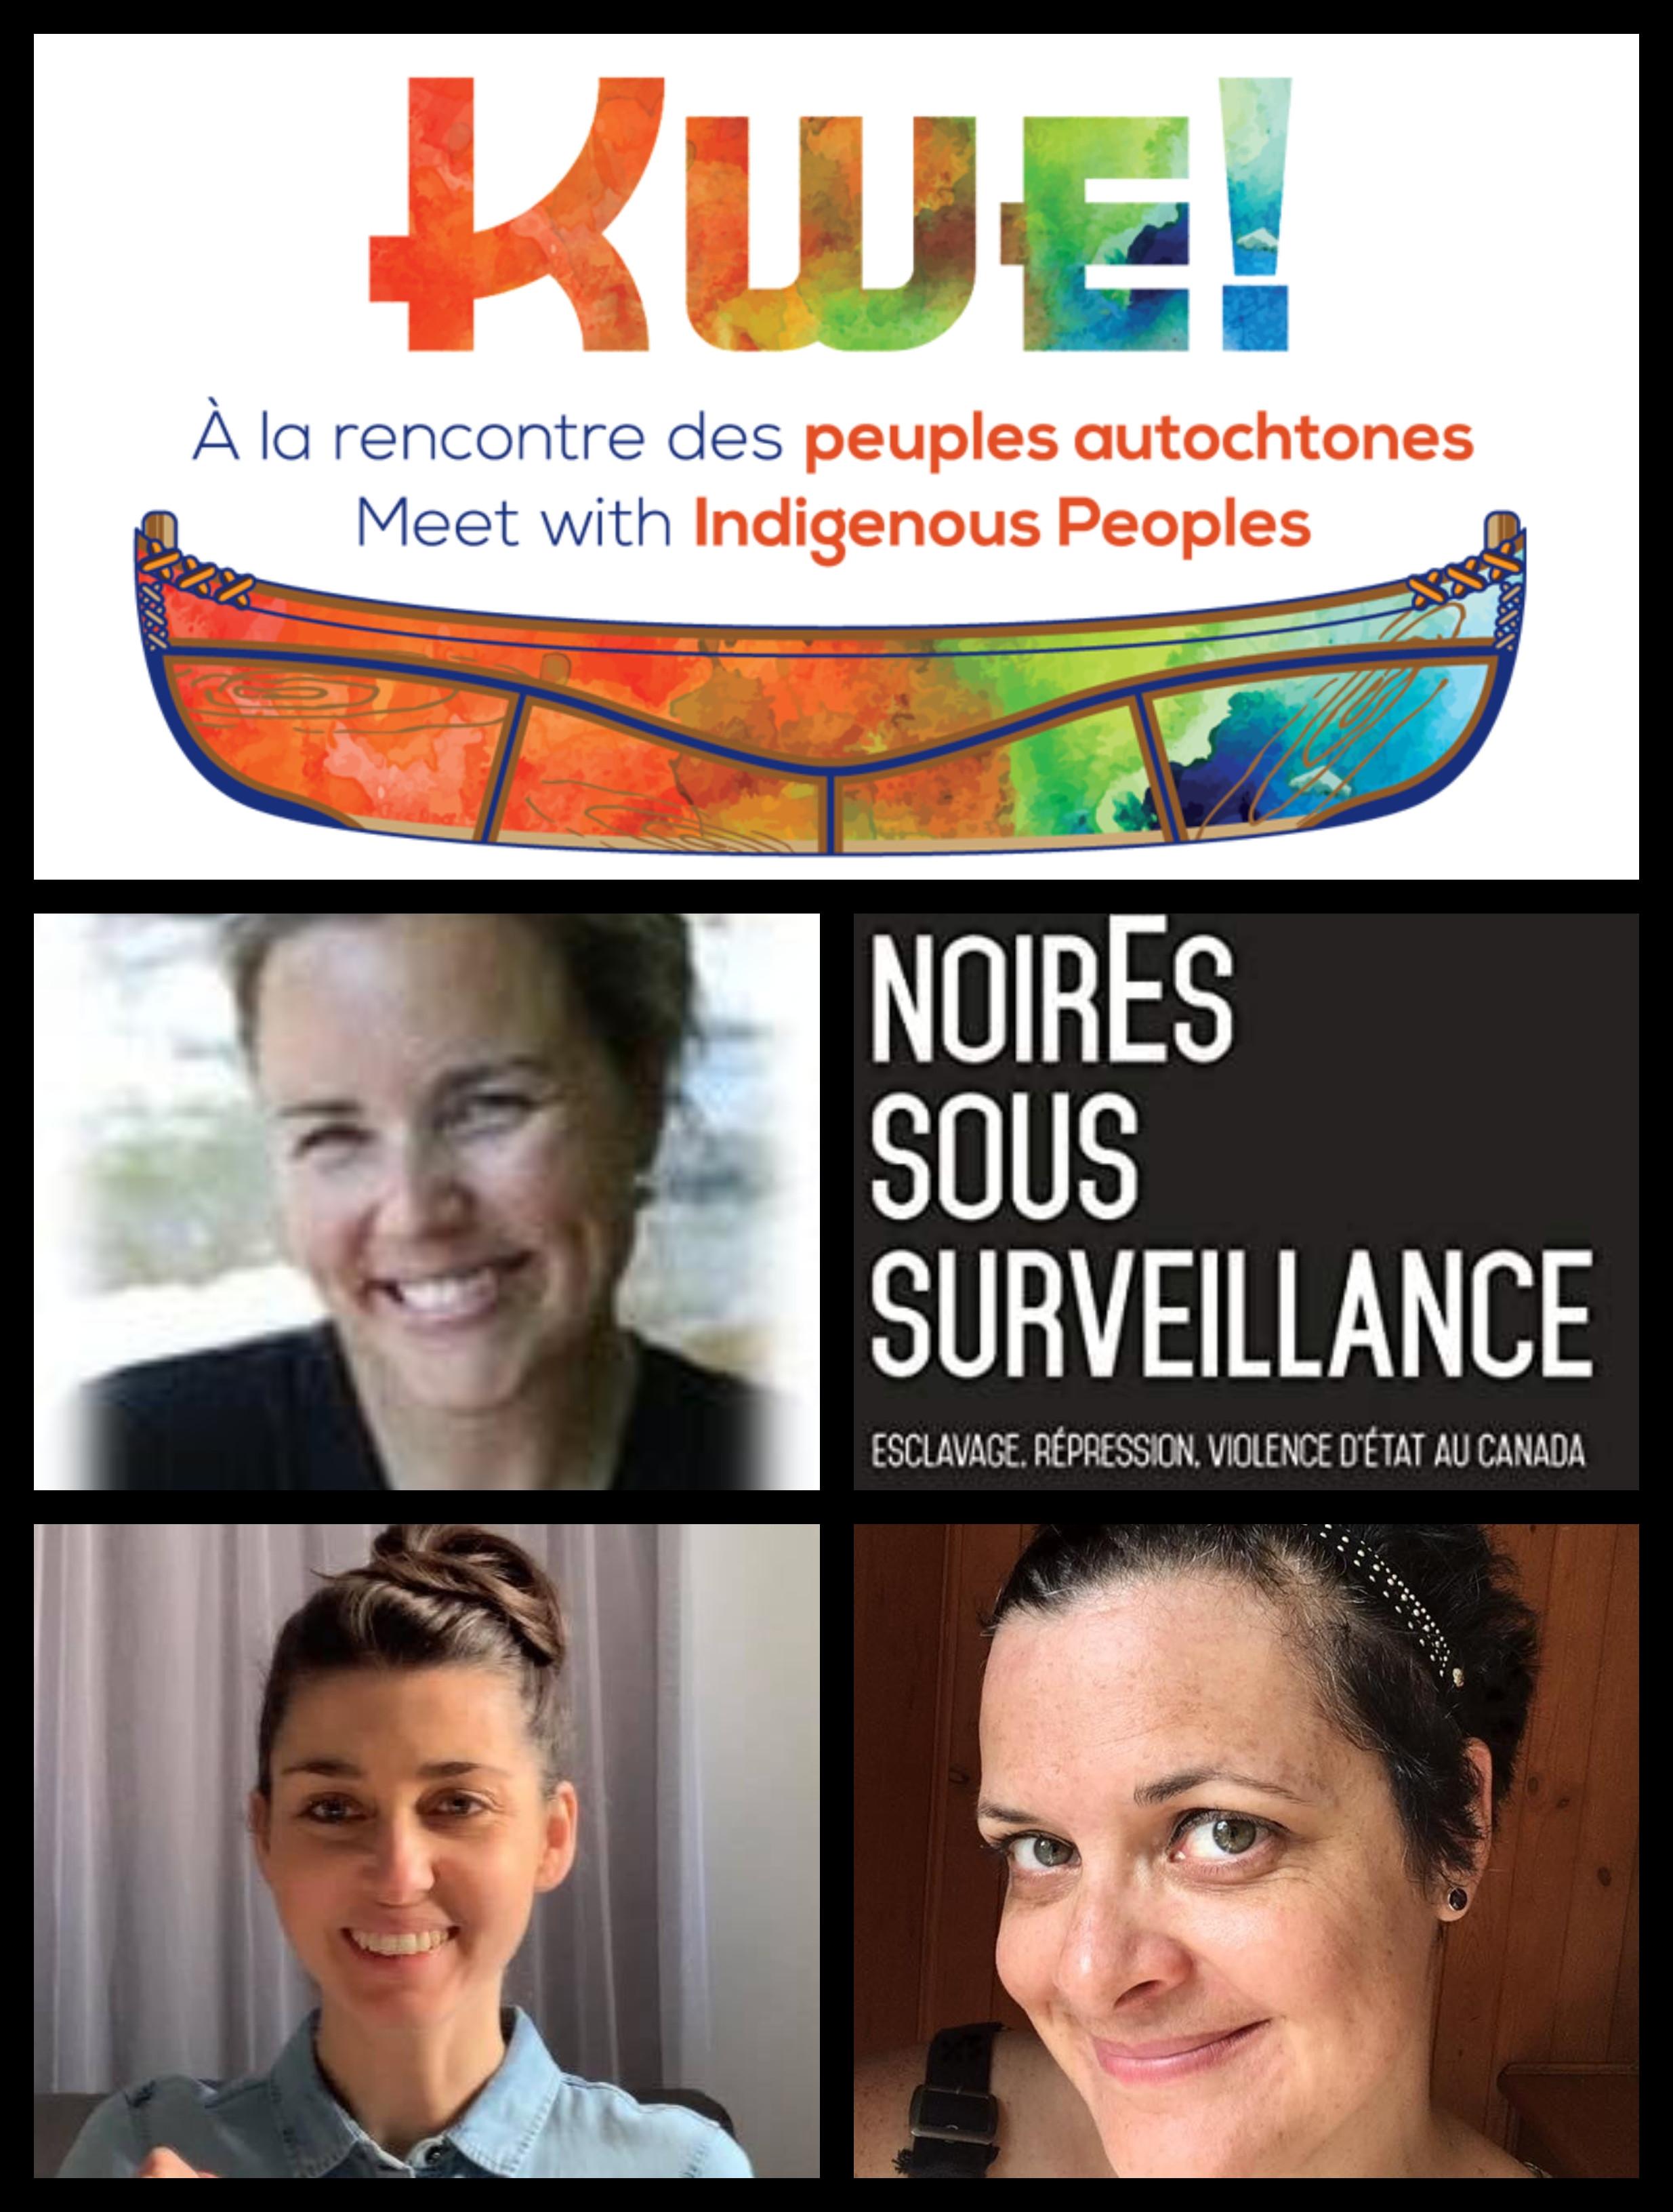 Émission du 7 juin 2021: Voyage humanitaire, NoirEs sous surveillance et le début du mois de l'histoire des Autochtones